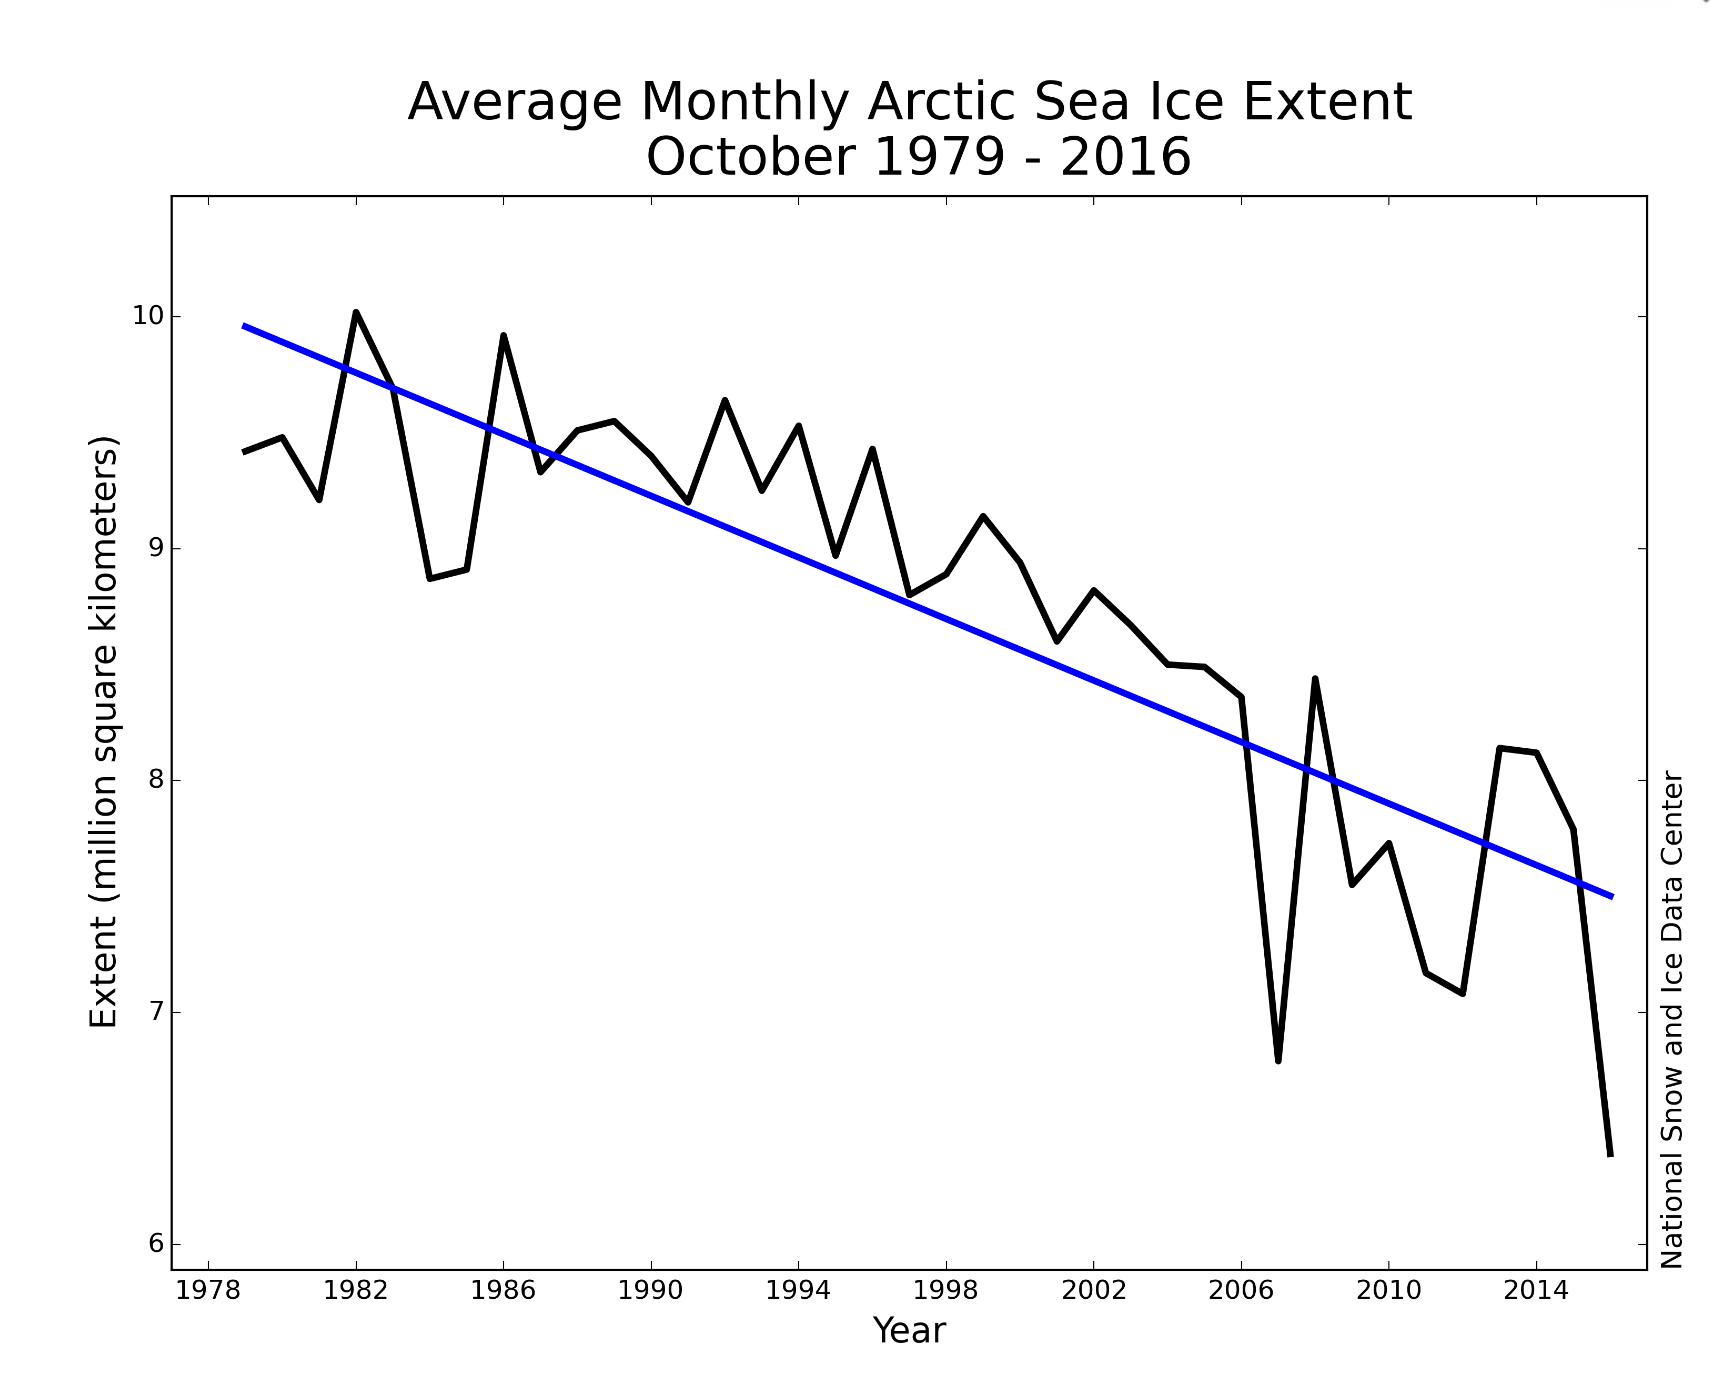 Extensão média mensal de gelo no Ártico entre outubro de 1979 e 2016